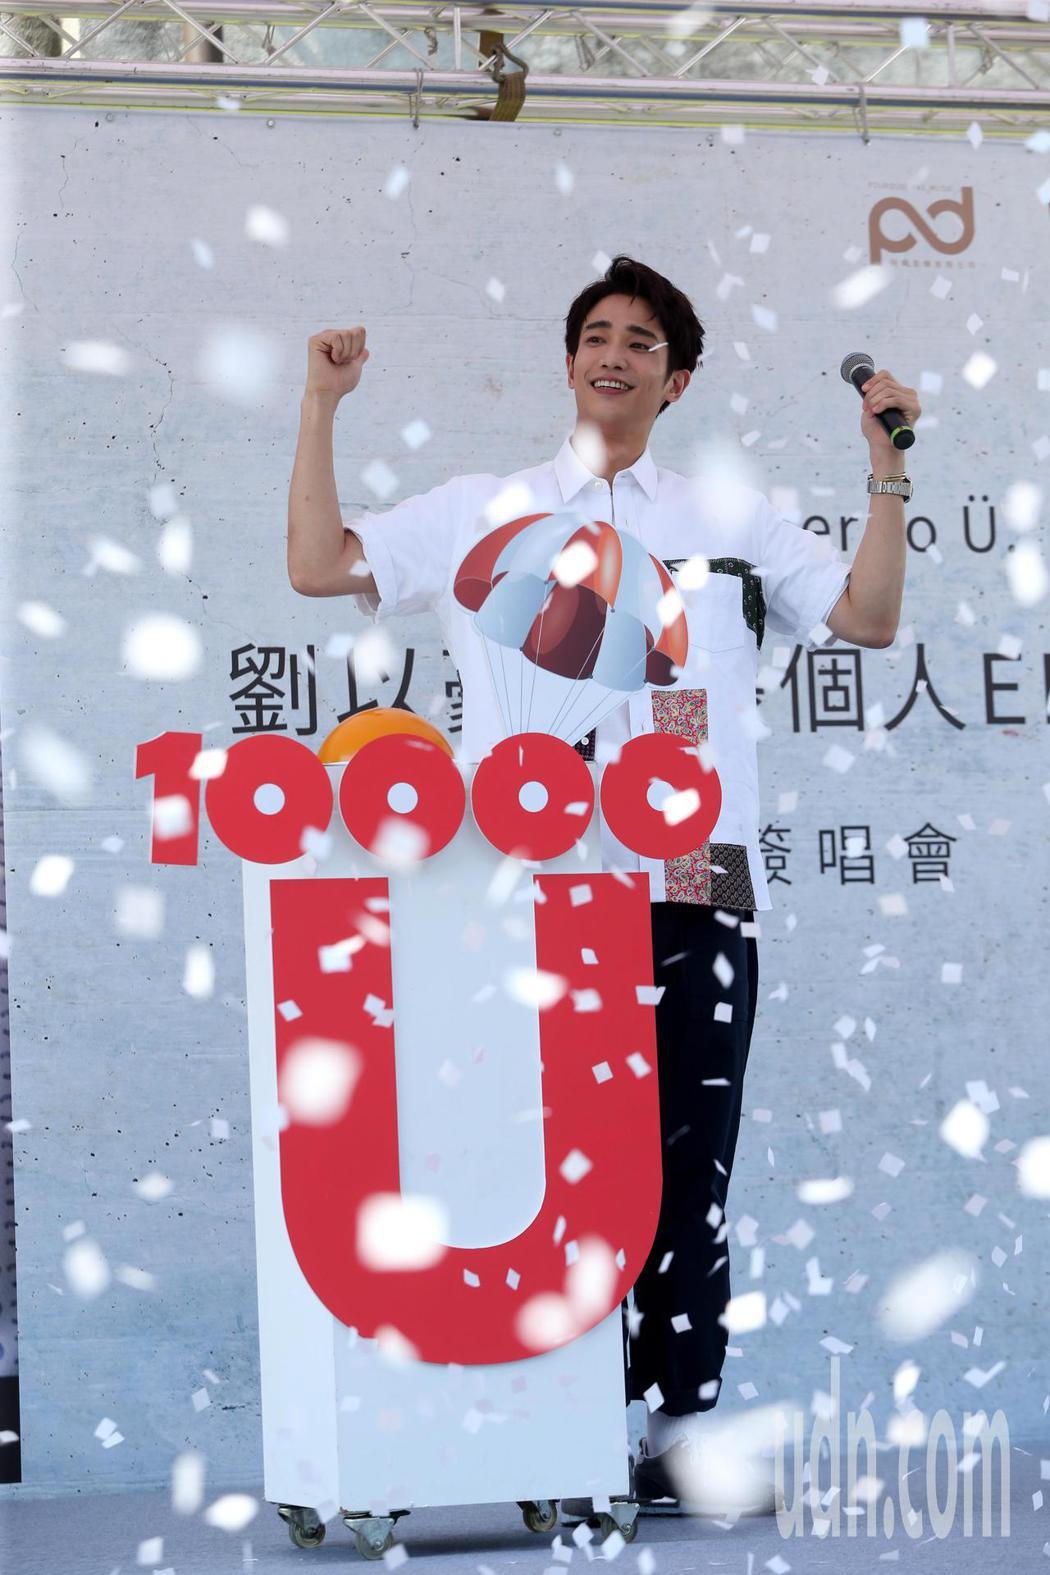 劉以豪今天舉行首張個人EP《Ü》慶功簽唱會,慶祝專輯破萬張。記者邱德祥/攝影